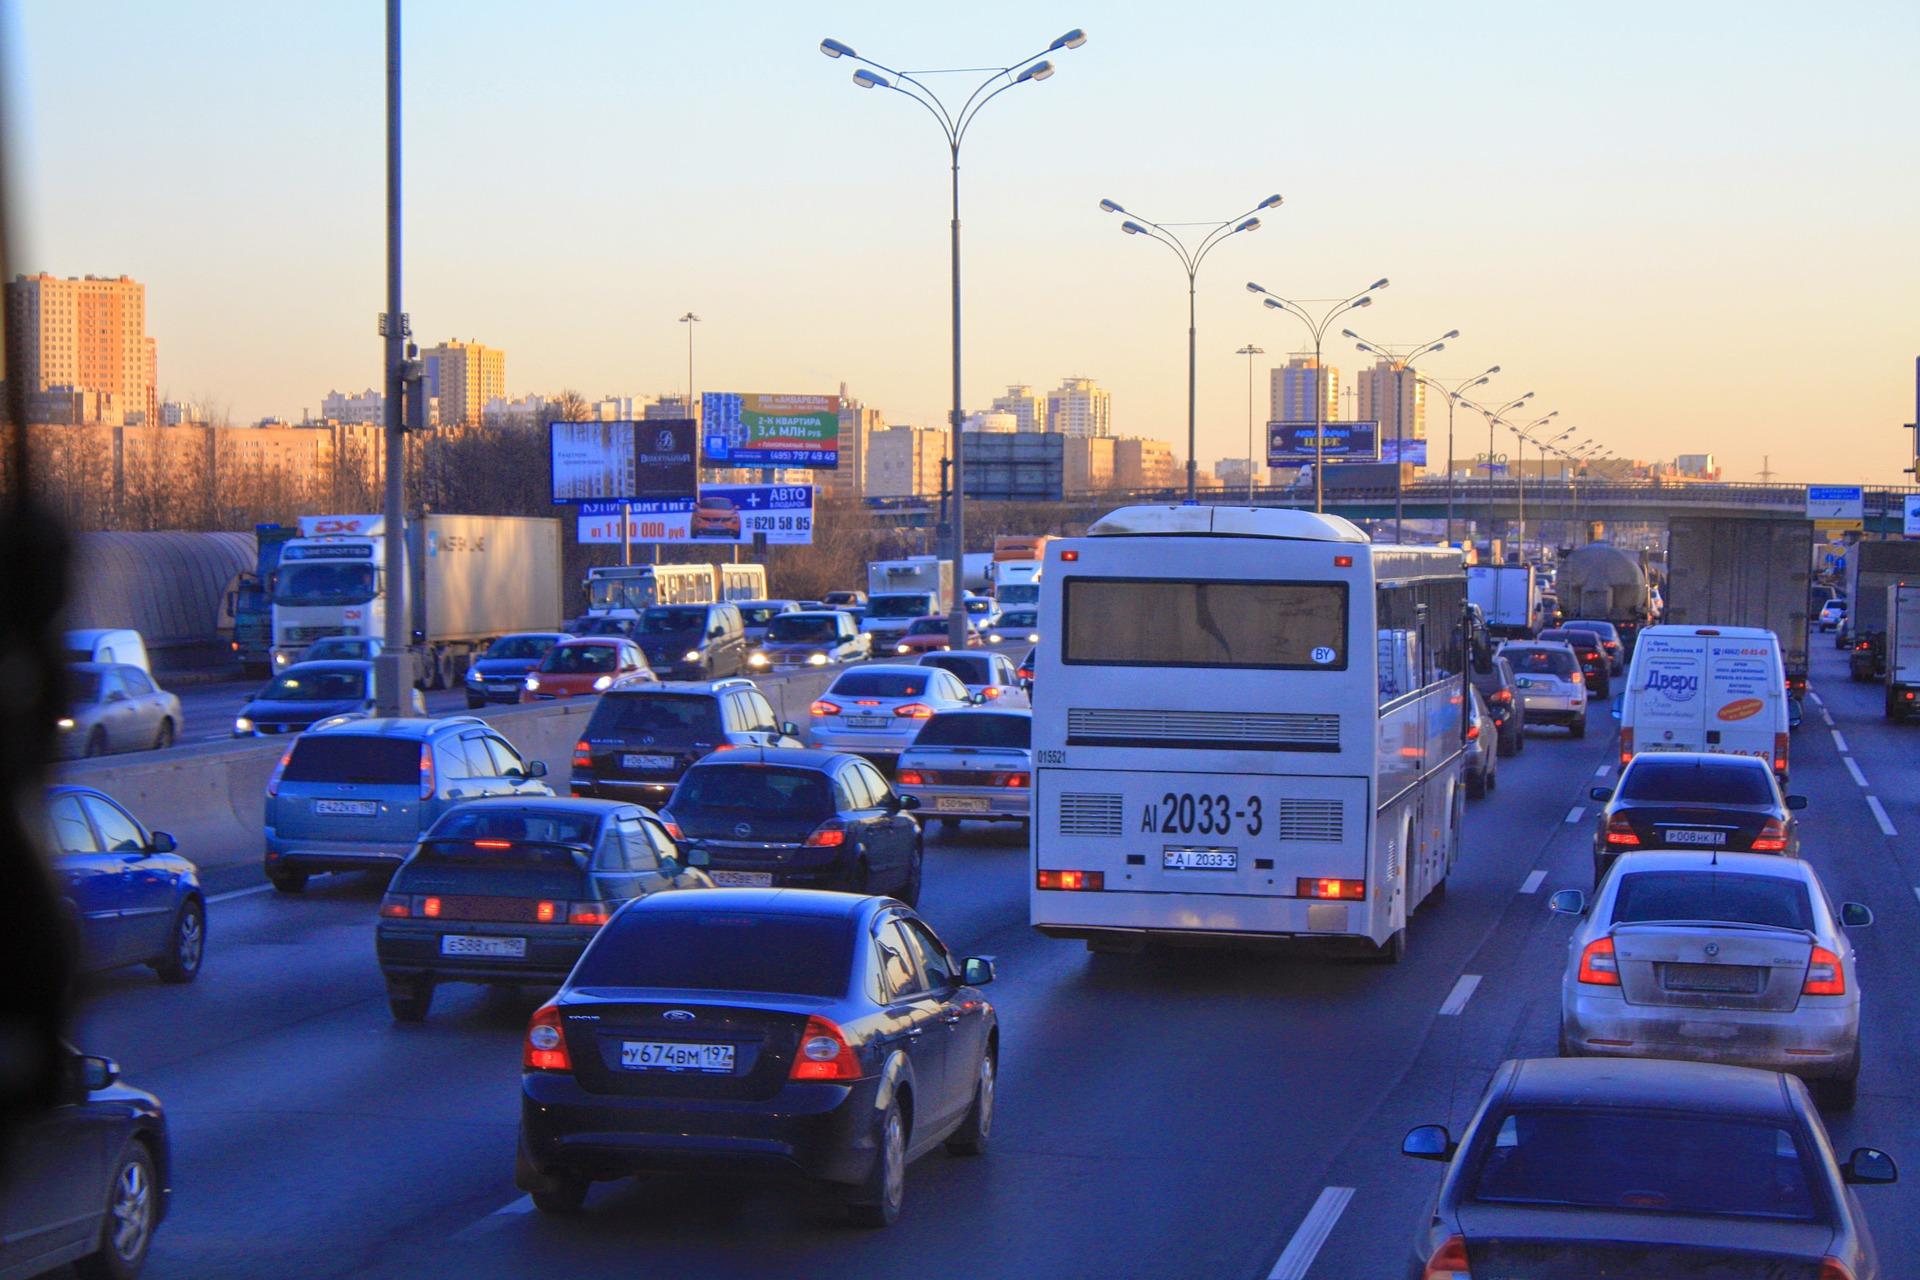 Lokalizacja Twojego samochodu może wkrótce trafić w ręce amerykańskiego wojska